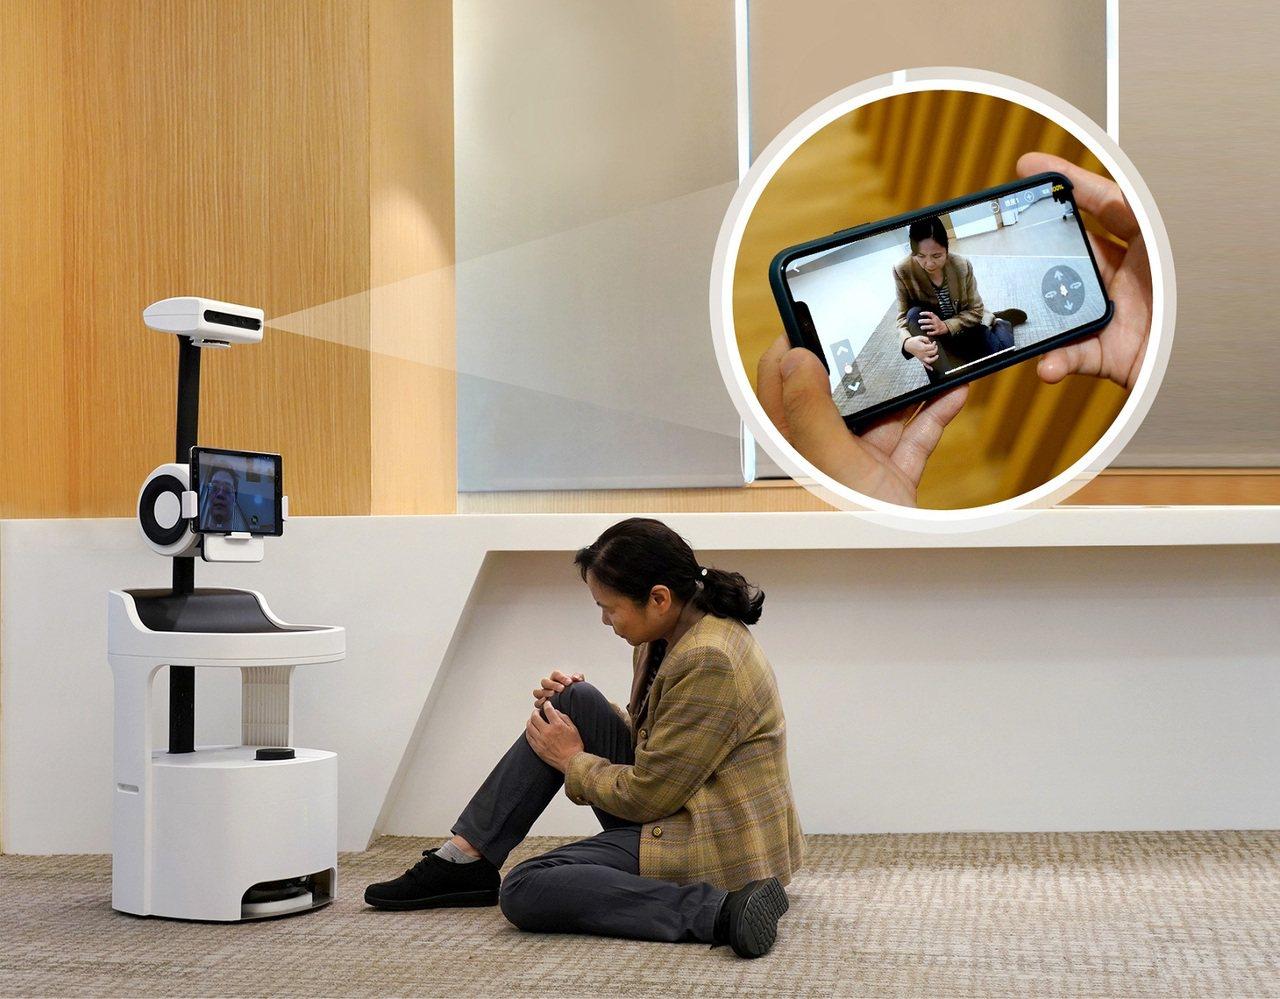 工研院「PECOLA樂齡陪伴機器人」獲得美國CES 2020 Innovatio...